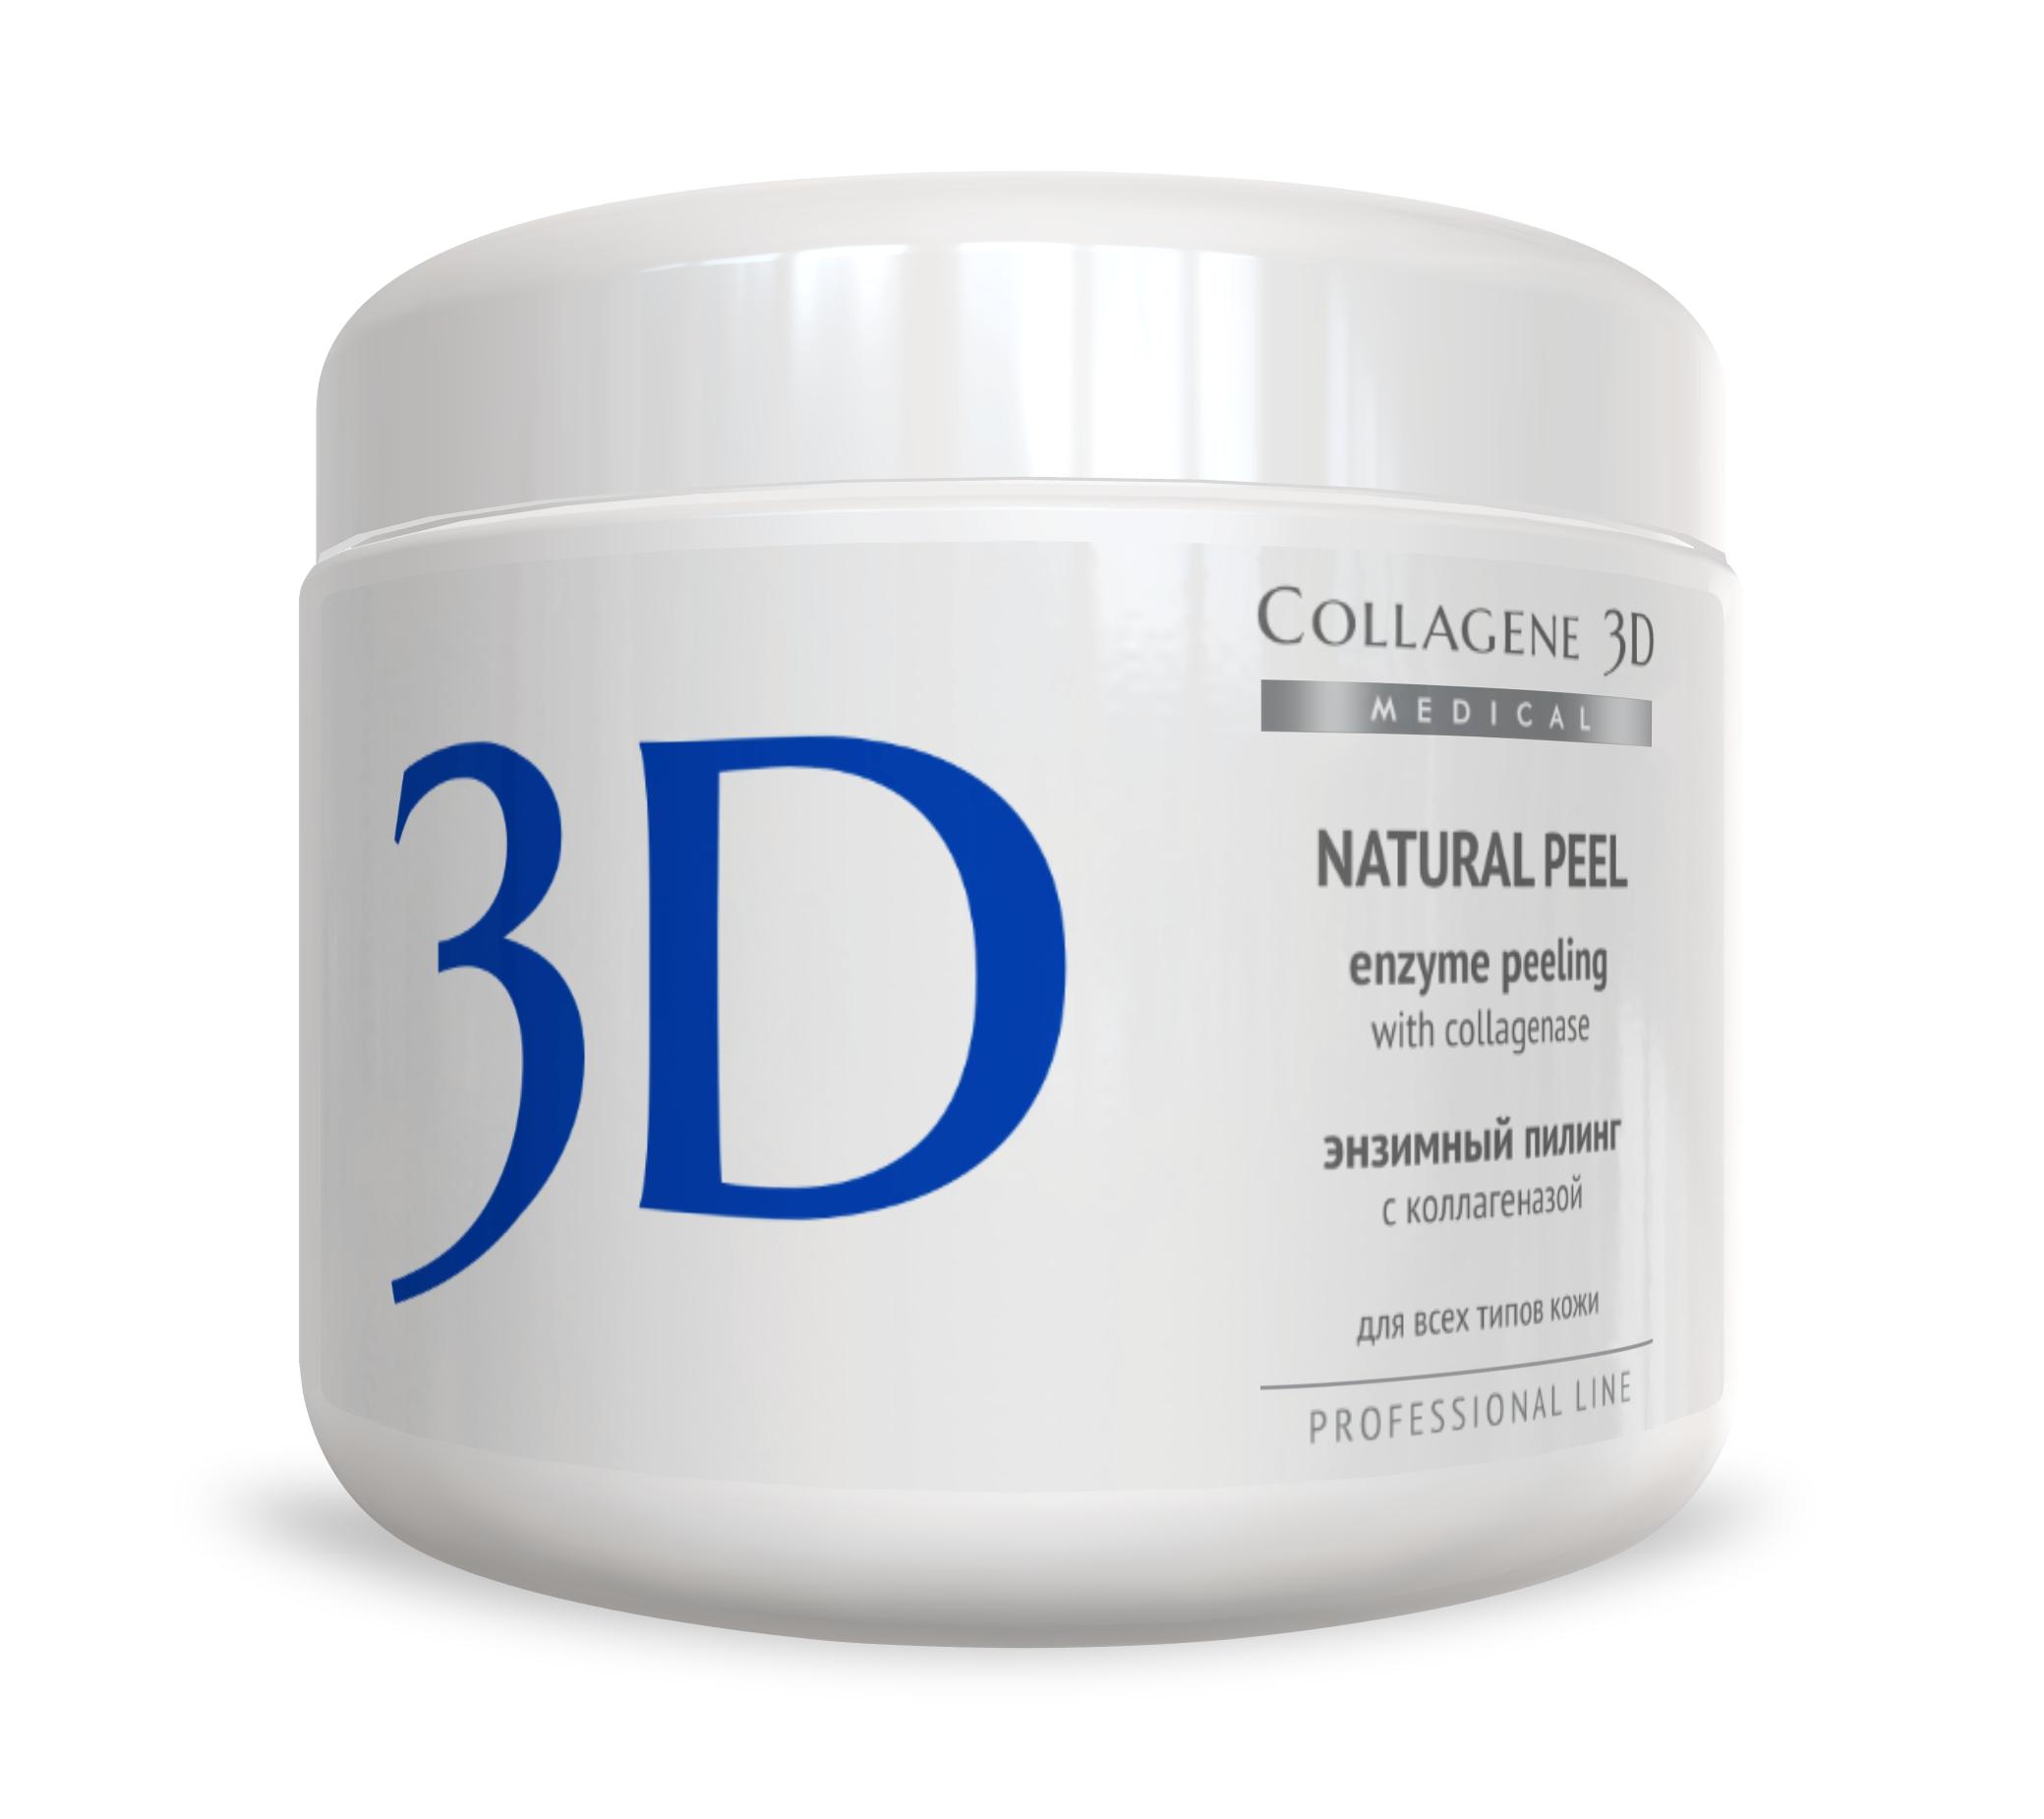 MEDICAL COLLAGENE 3D Пилинг с коллагеназой Natural Peel 150млПилинги<br>Рекомендуется для проблемной кожи. Каолин адсорбирует кожное сало, выводит токсины, насыщает микроэлементами, мягко отшелушивает, является природным антисептиком. Протеолитический фермент коллагеназа избирательно расщепляет межклеточные связи, тем самым удаляя верхние слои эпидермиса, очищает поры. Под действием пилинга запускаются процессы обновления, улучшается цвет и выравнивается микрорельеф кожи. Активные ингредиенты: каолин, коллагеназа. Способ применения: взять необходимое количество пилинга (5-10 г), поместить в емкость и развести теплой водой до образования кремообразной массы. Нанести кисточкой на предварительно очищенную и обработанную тоником кожу лица, шеи и область декольте. Поверх пилинга положить влажную теплую салфетку или полиэтиленовую маску, сверху лучше укрыть полотенцем. Для правильной работы ферментов необходимо поддерживать влажную и теплую среду. Через 10-15 минут тщательно смыть теплой водой, затем просушить кожу. Пилинг особенно эффективен для применения в комплексном очищении проблемной кожи с акне.<br><br>Объем: 150<br>Вид средства для лица: Природные<br>Назначение: Акне, постакне